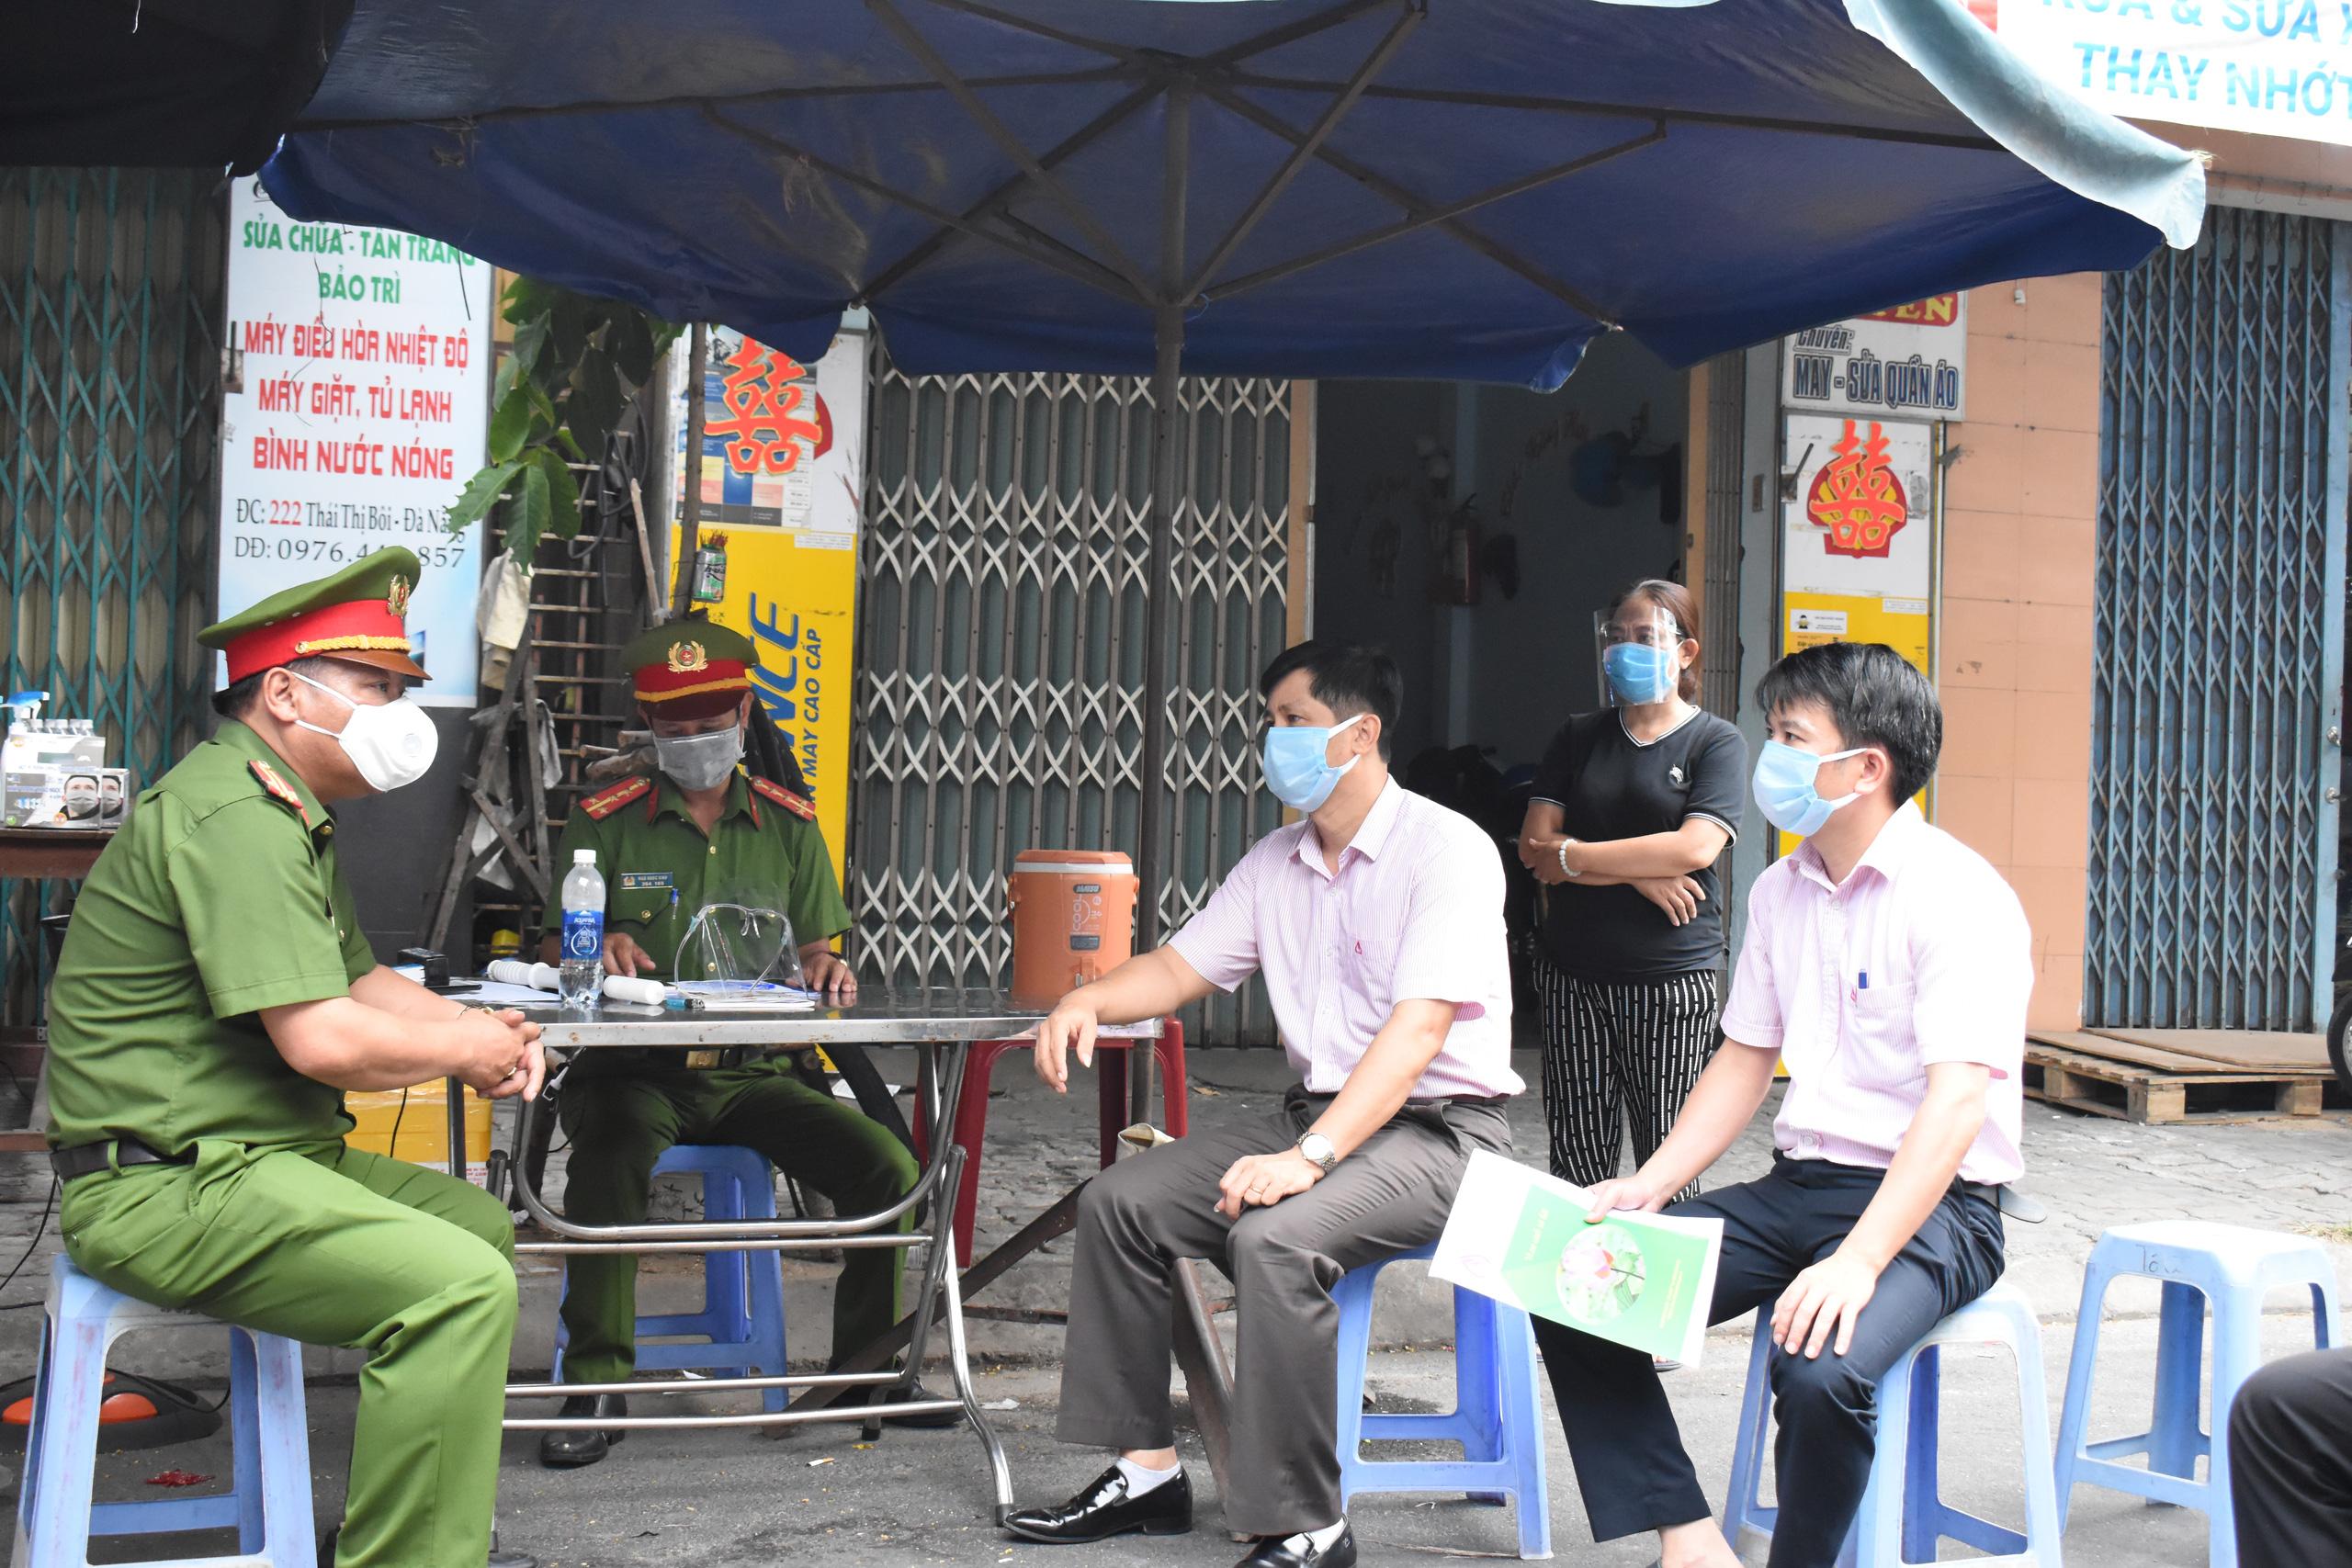 Đà Nẵng: Ngân hàng Chính sách xã hội tiếp sức cho các đơn vị tuyến đầu phòng chống dịch Covid-19 - Ảnh 3.